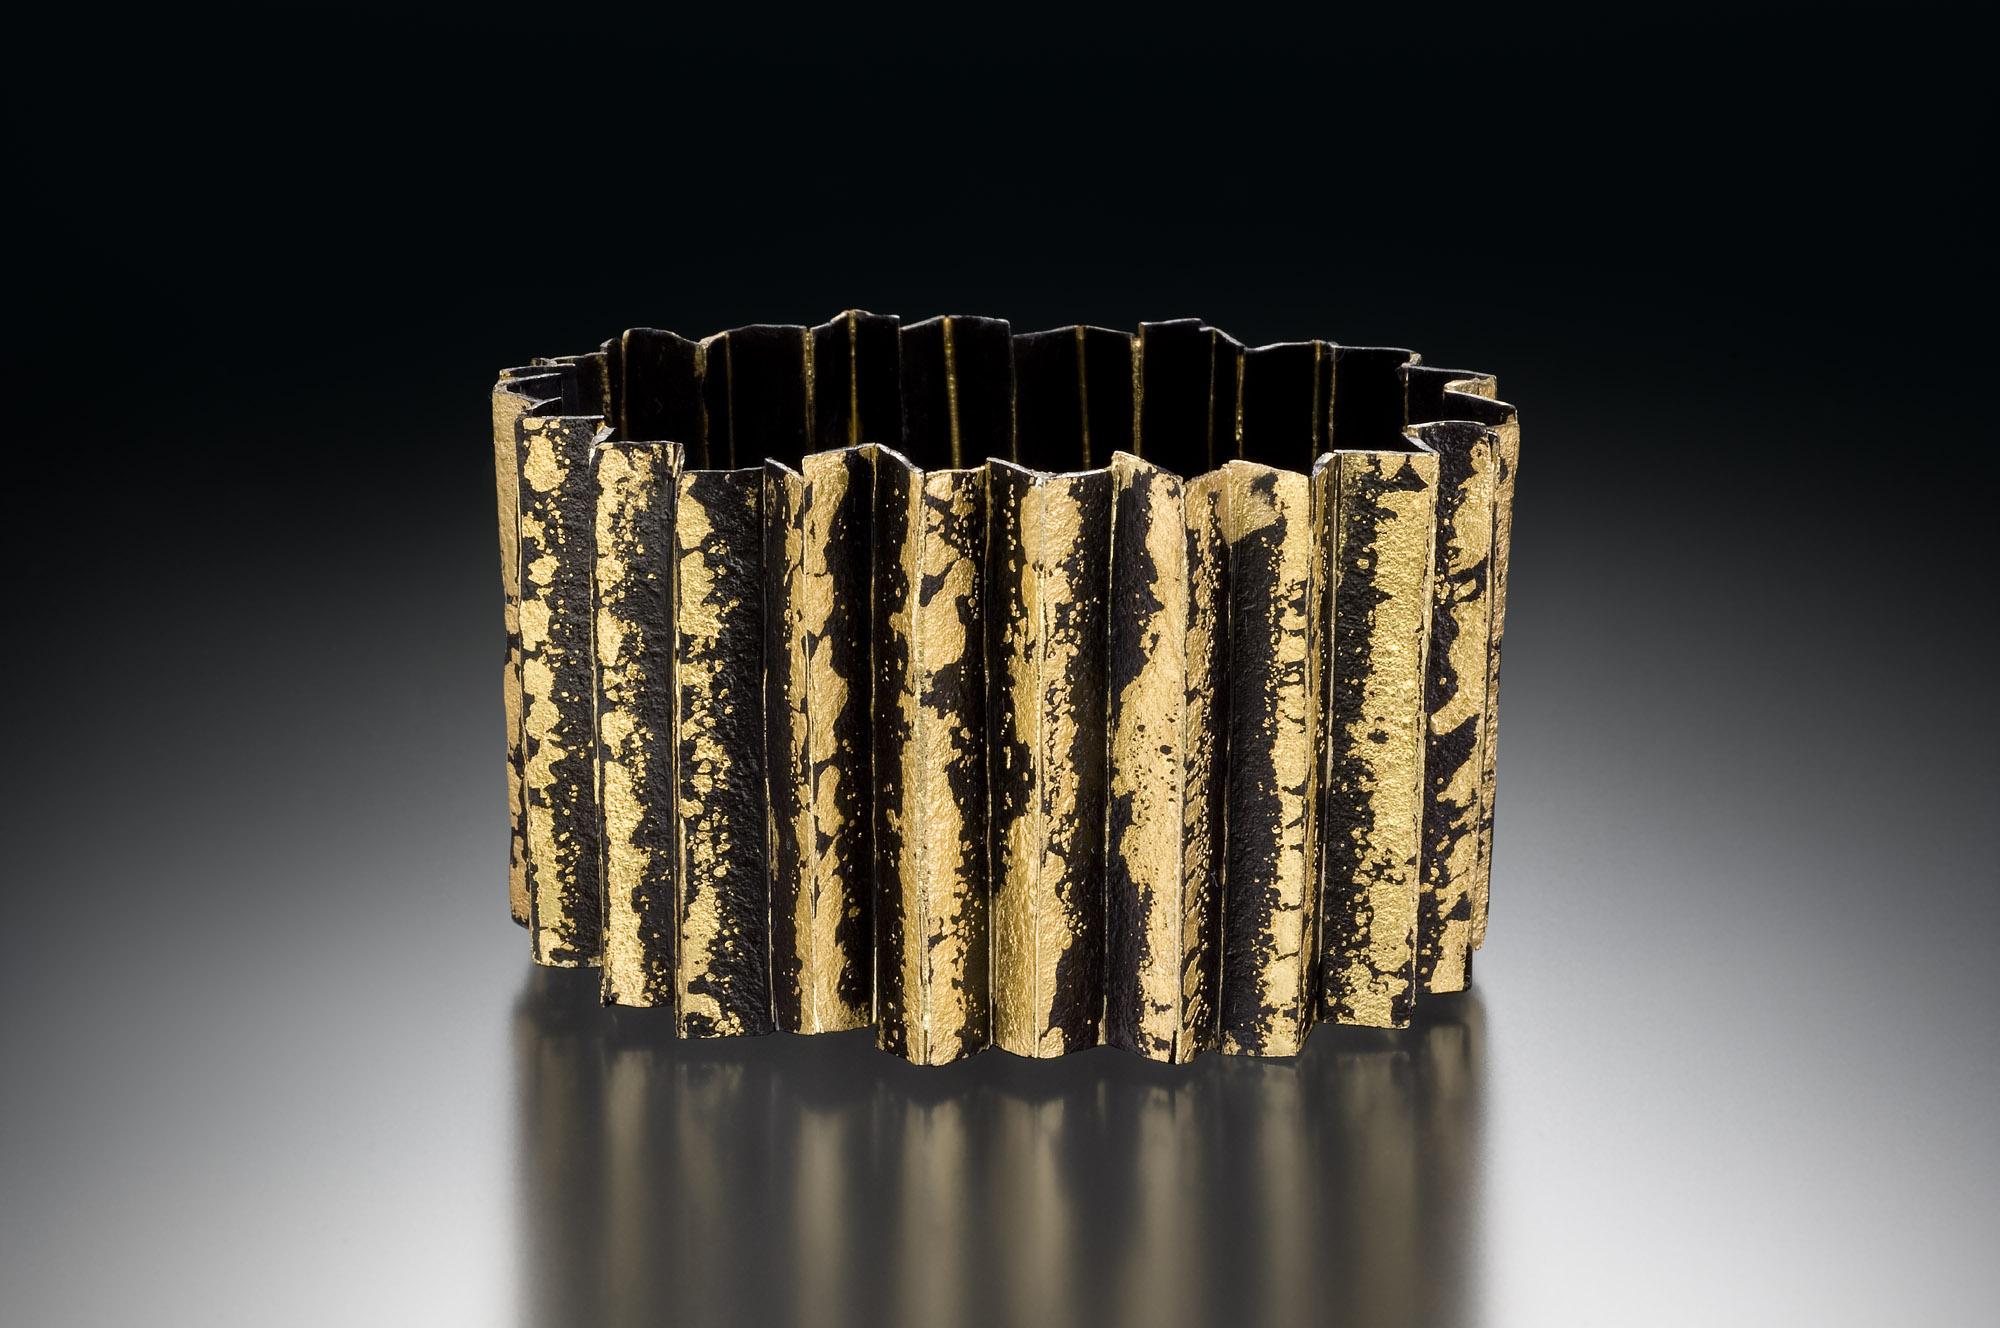 Corrugated Locking Bracelet